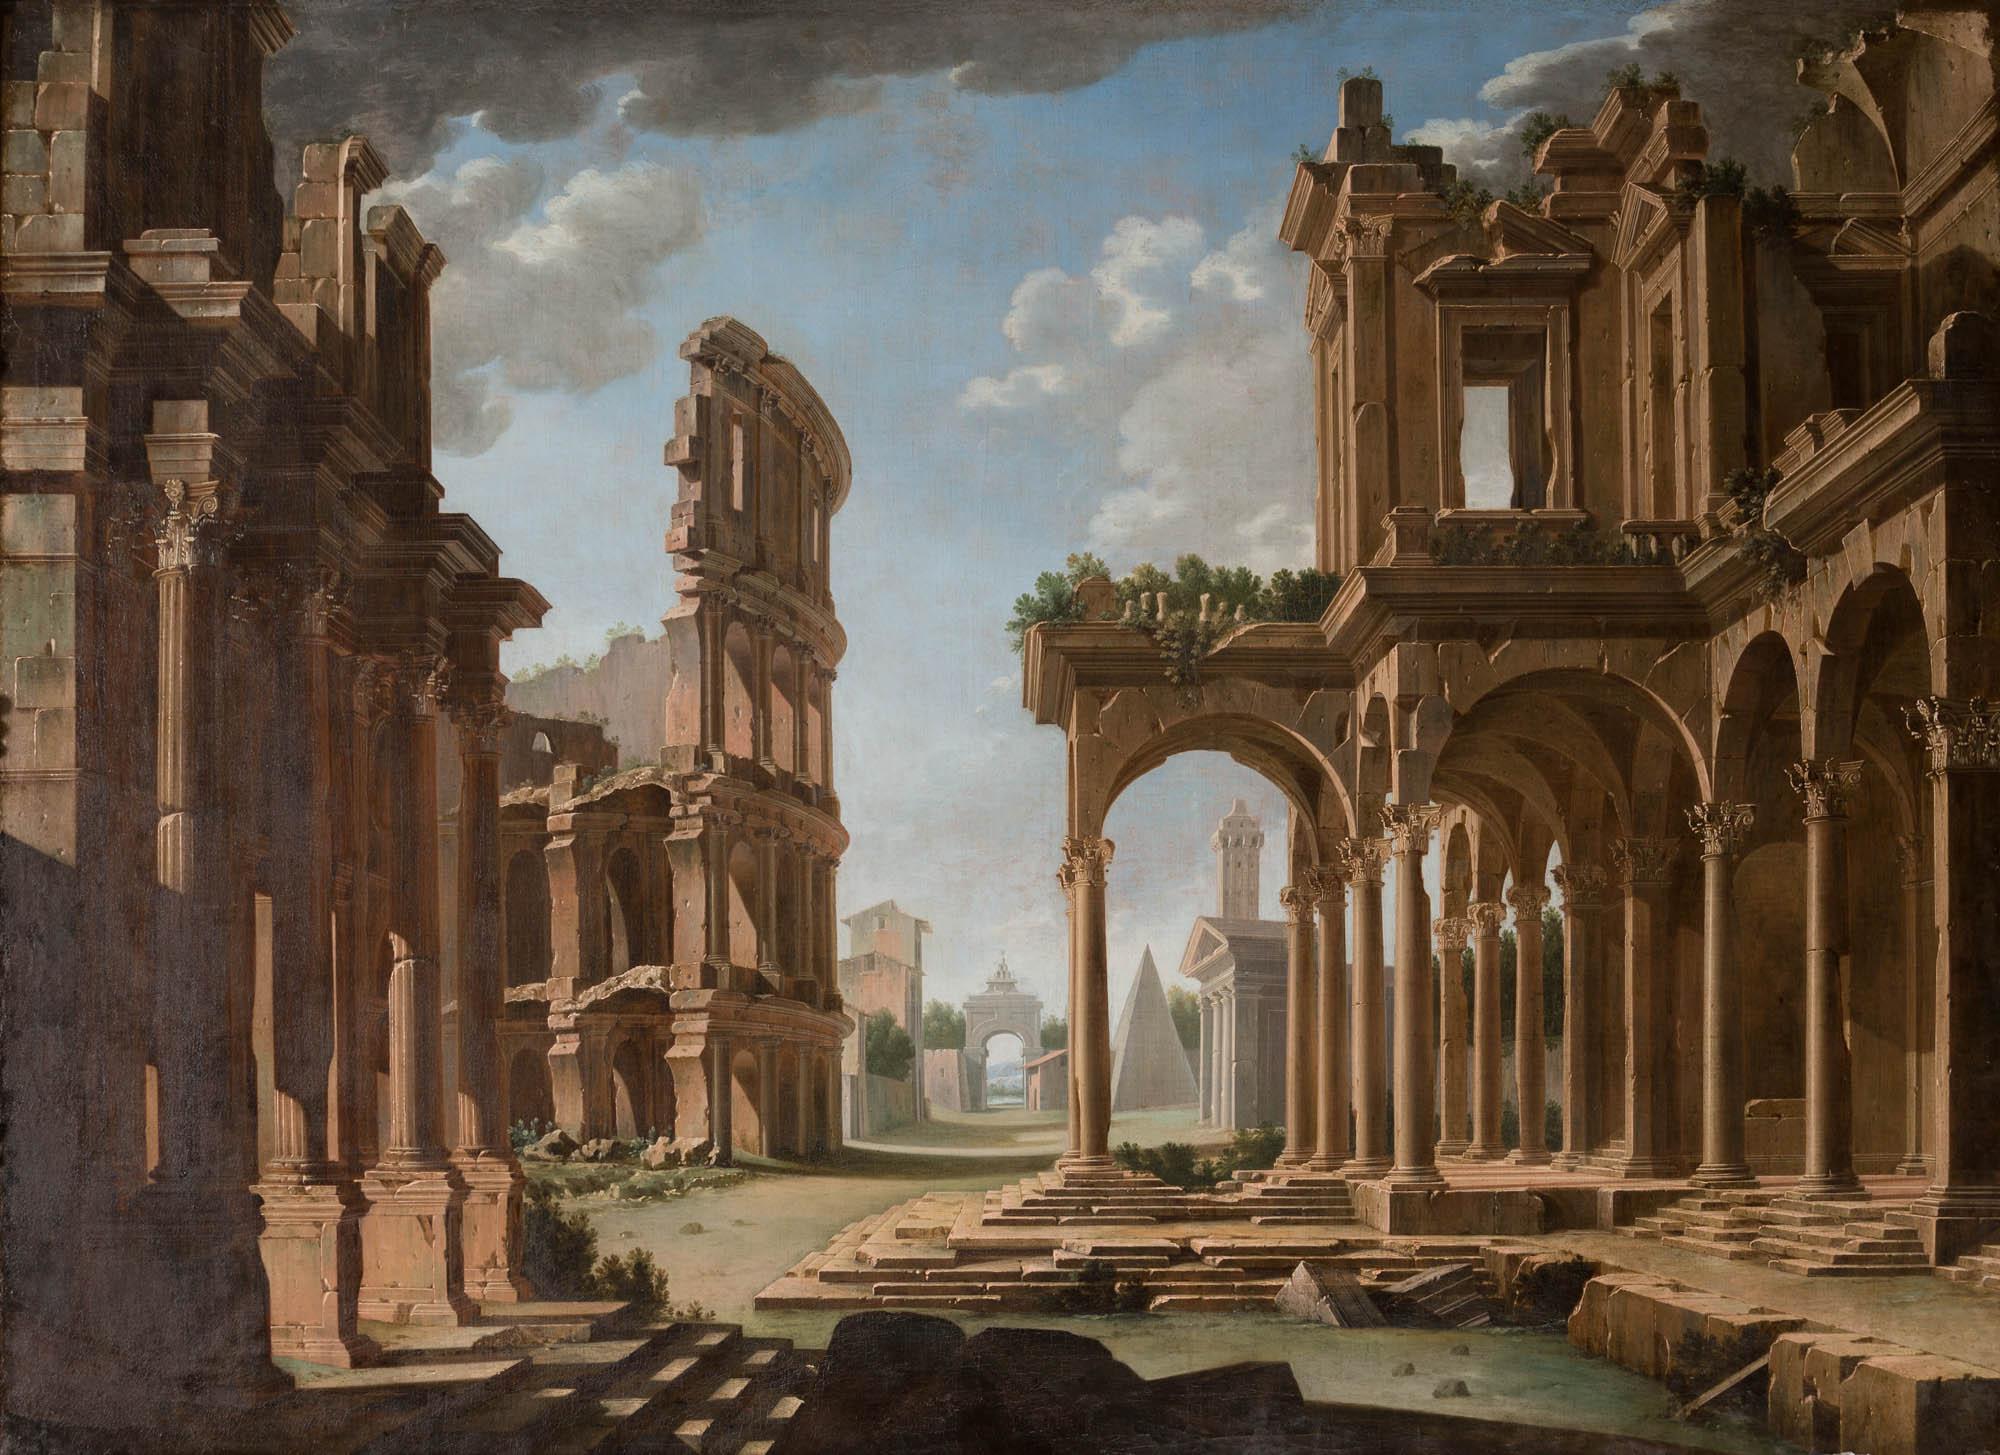 An Architectural Caprice, by Niccolo Codazzi (1642-1693).